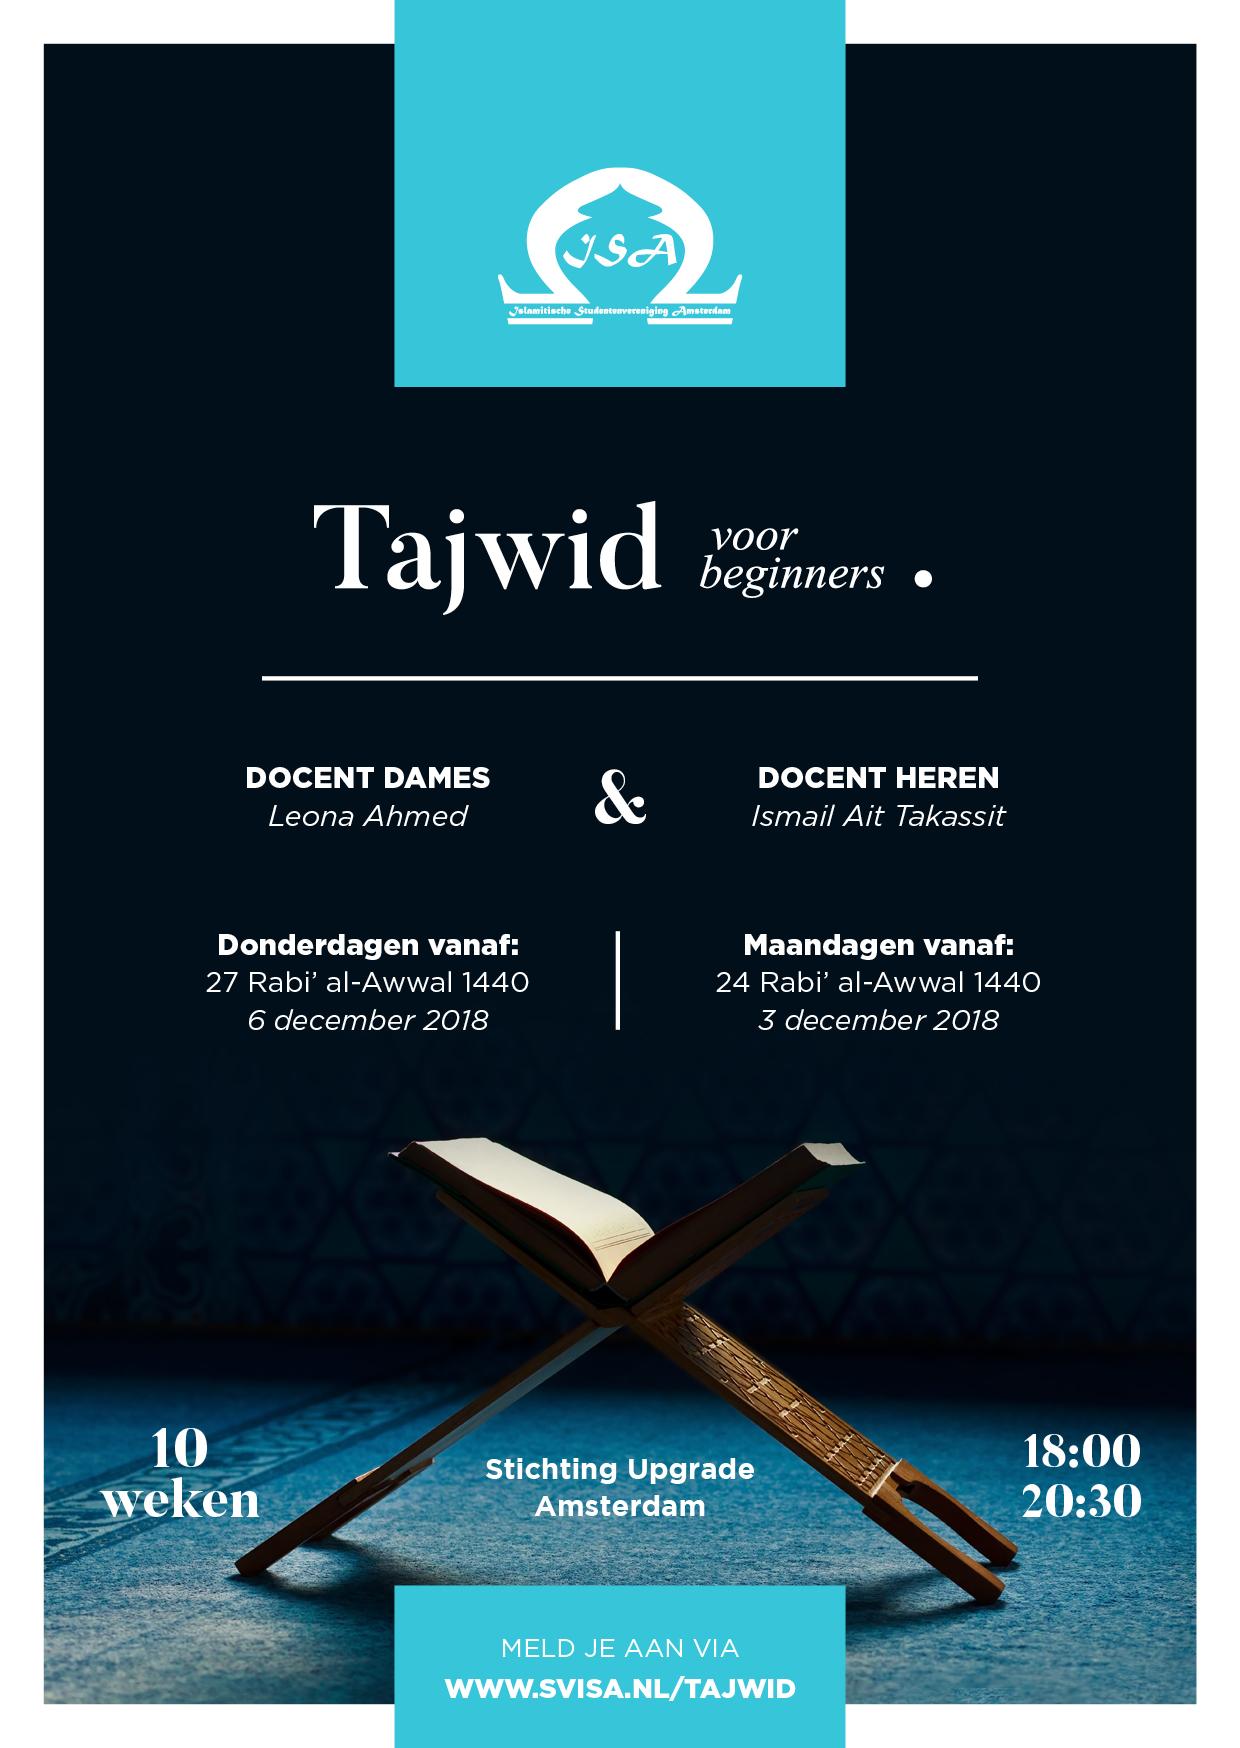 cursus-tajwid-voor-beginners-amsterdam